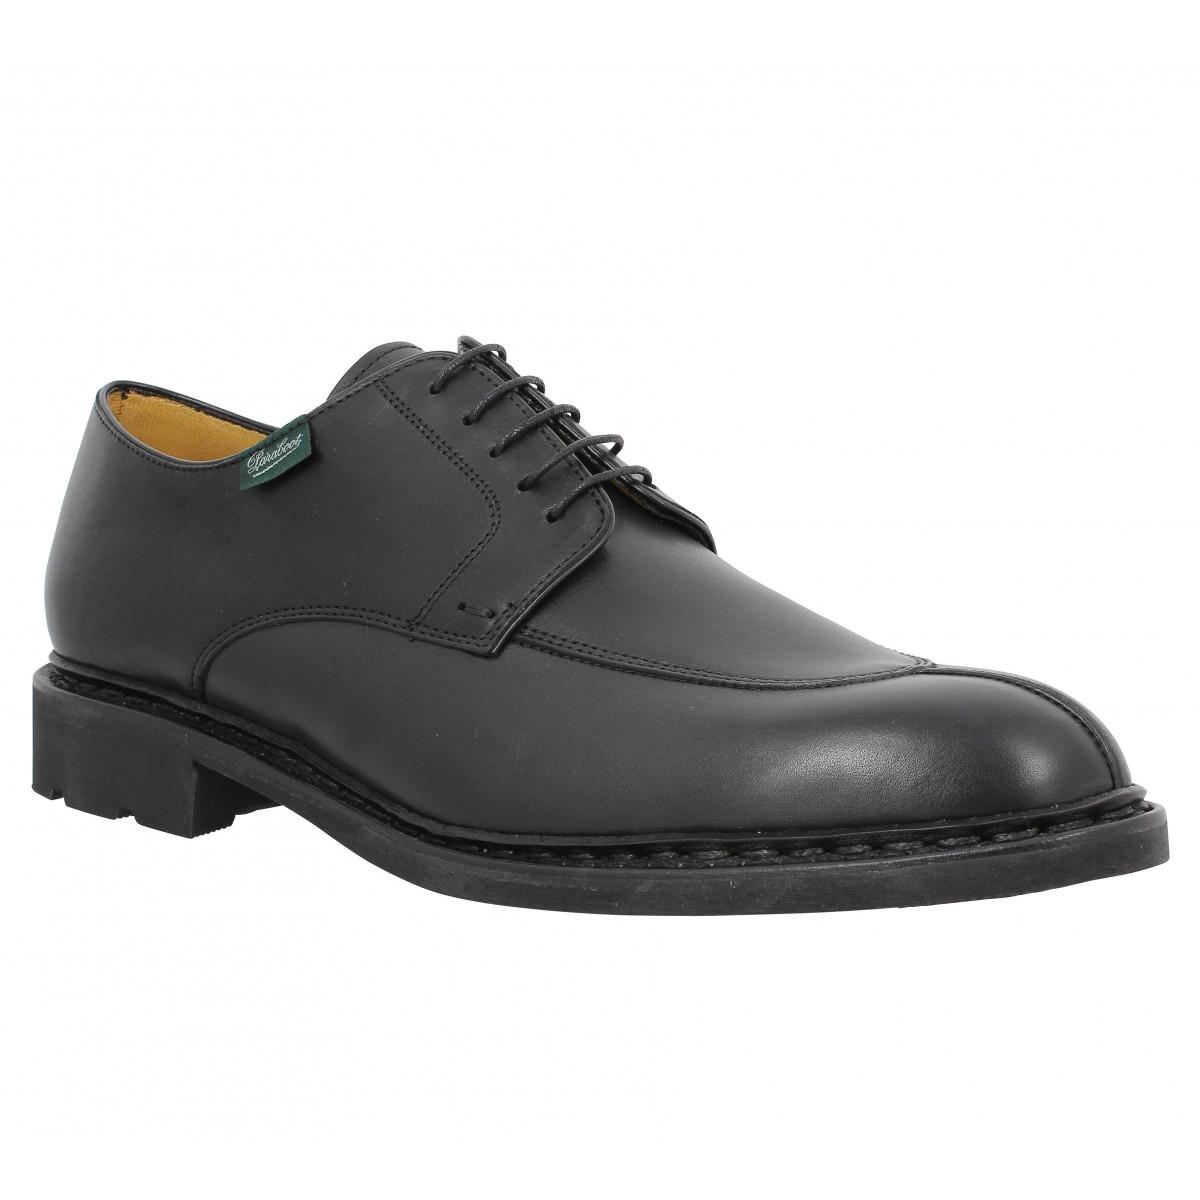 Chaussures à lacets PARABOOT Tournier cuir Noir